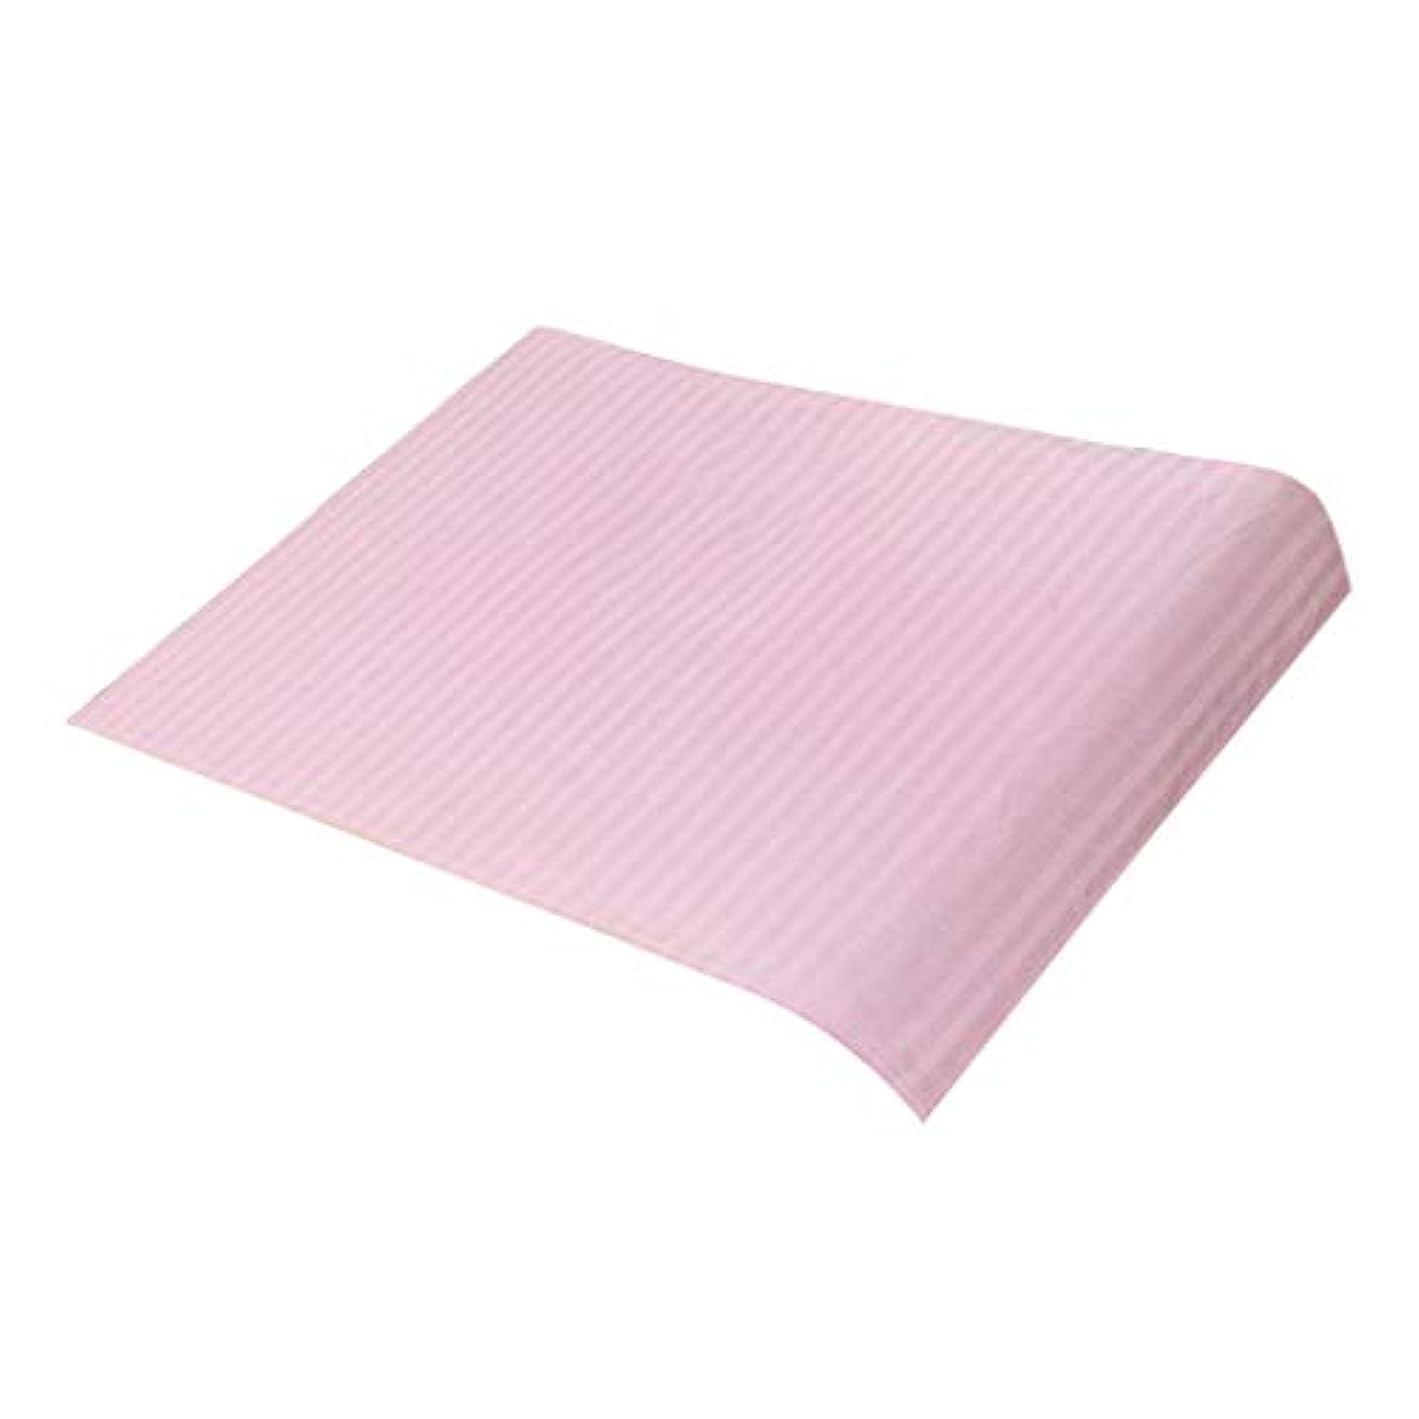 プーノ出版乱暴なSM SunniMix マッサージベッドカバー 美容ベッドカバー スパ マッサージテーブルスカート 綿素材 断面デザイン - ピンク